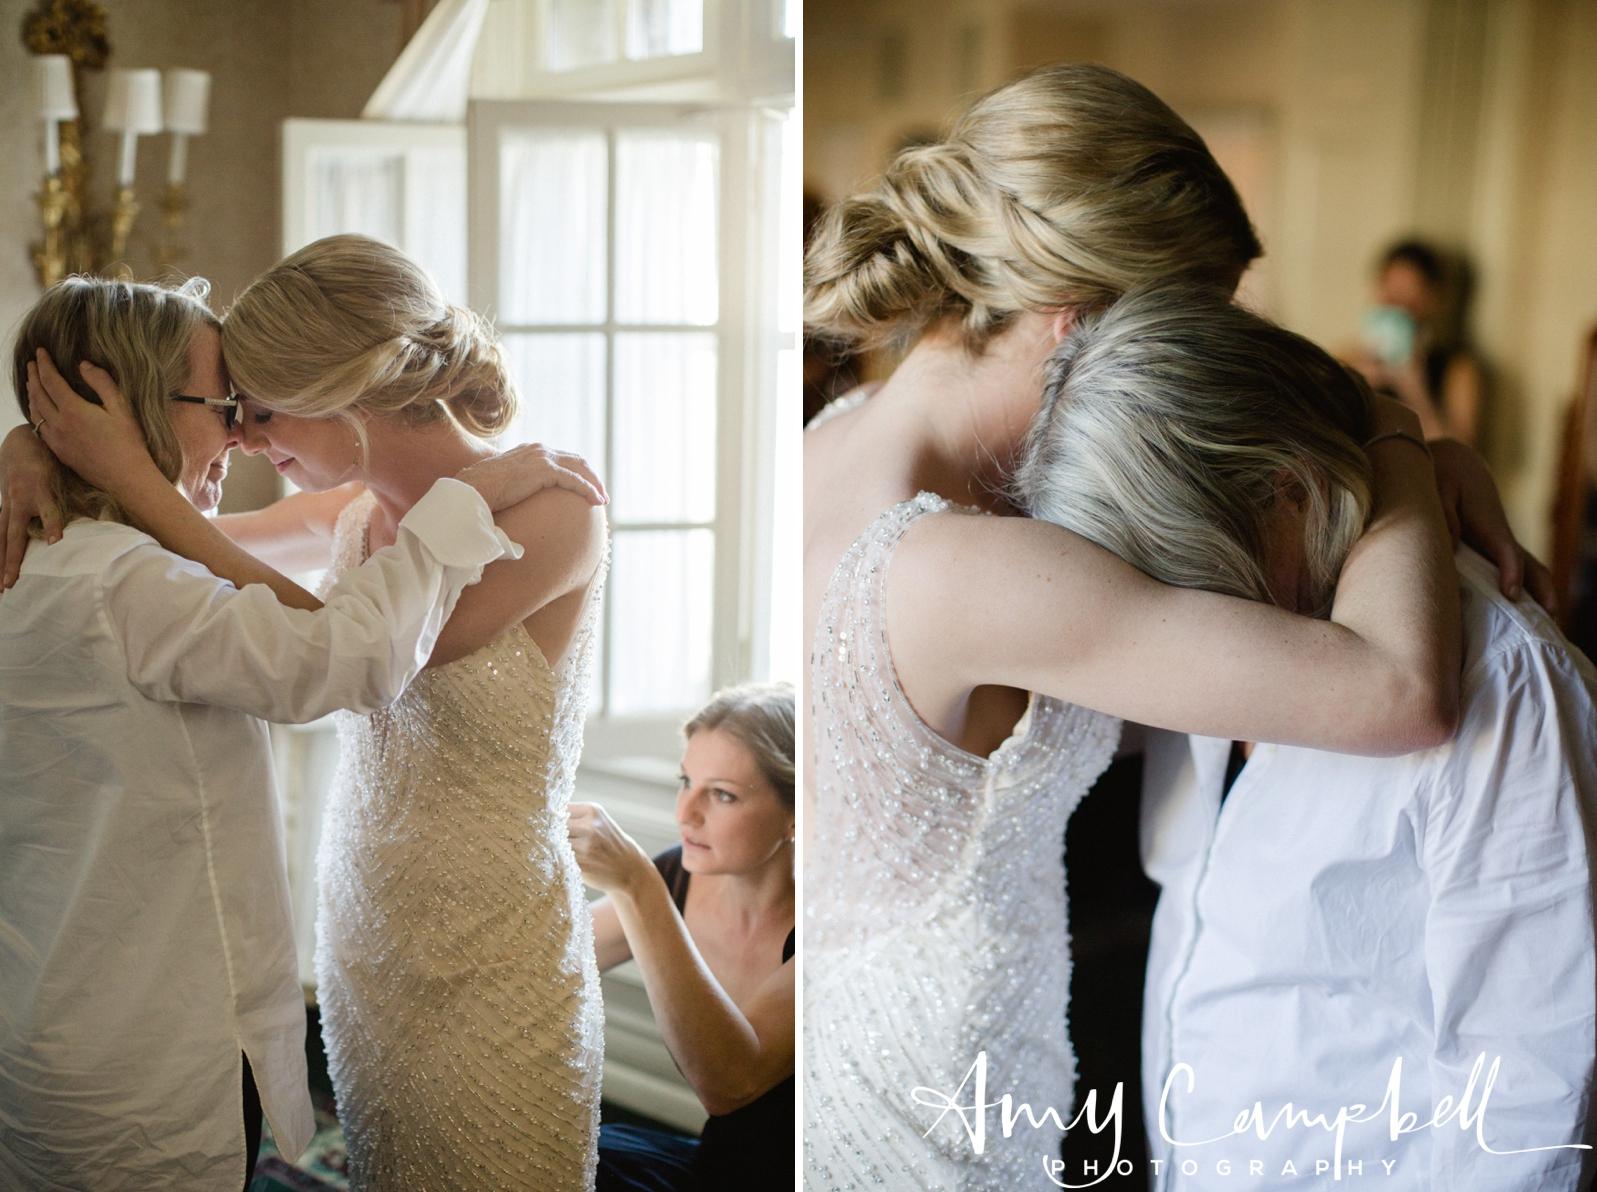 emmakyle_wedding_fb_amycampbellphotography_0012.jpg